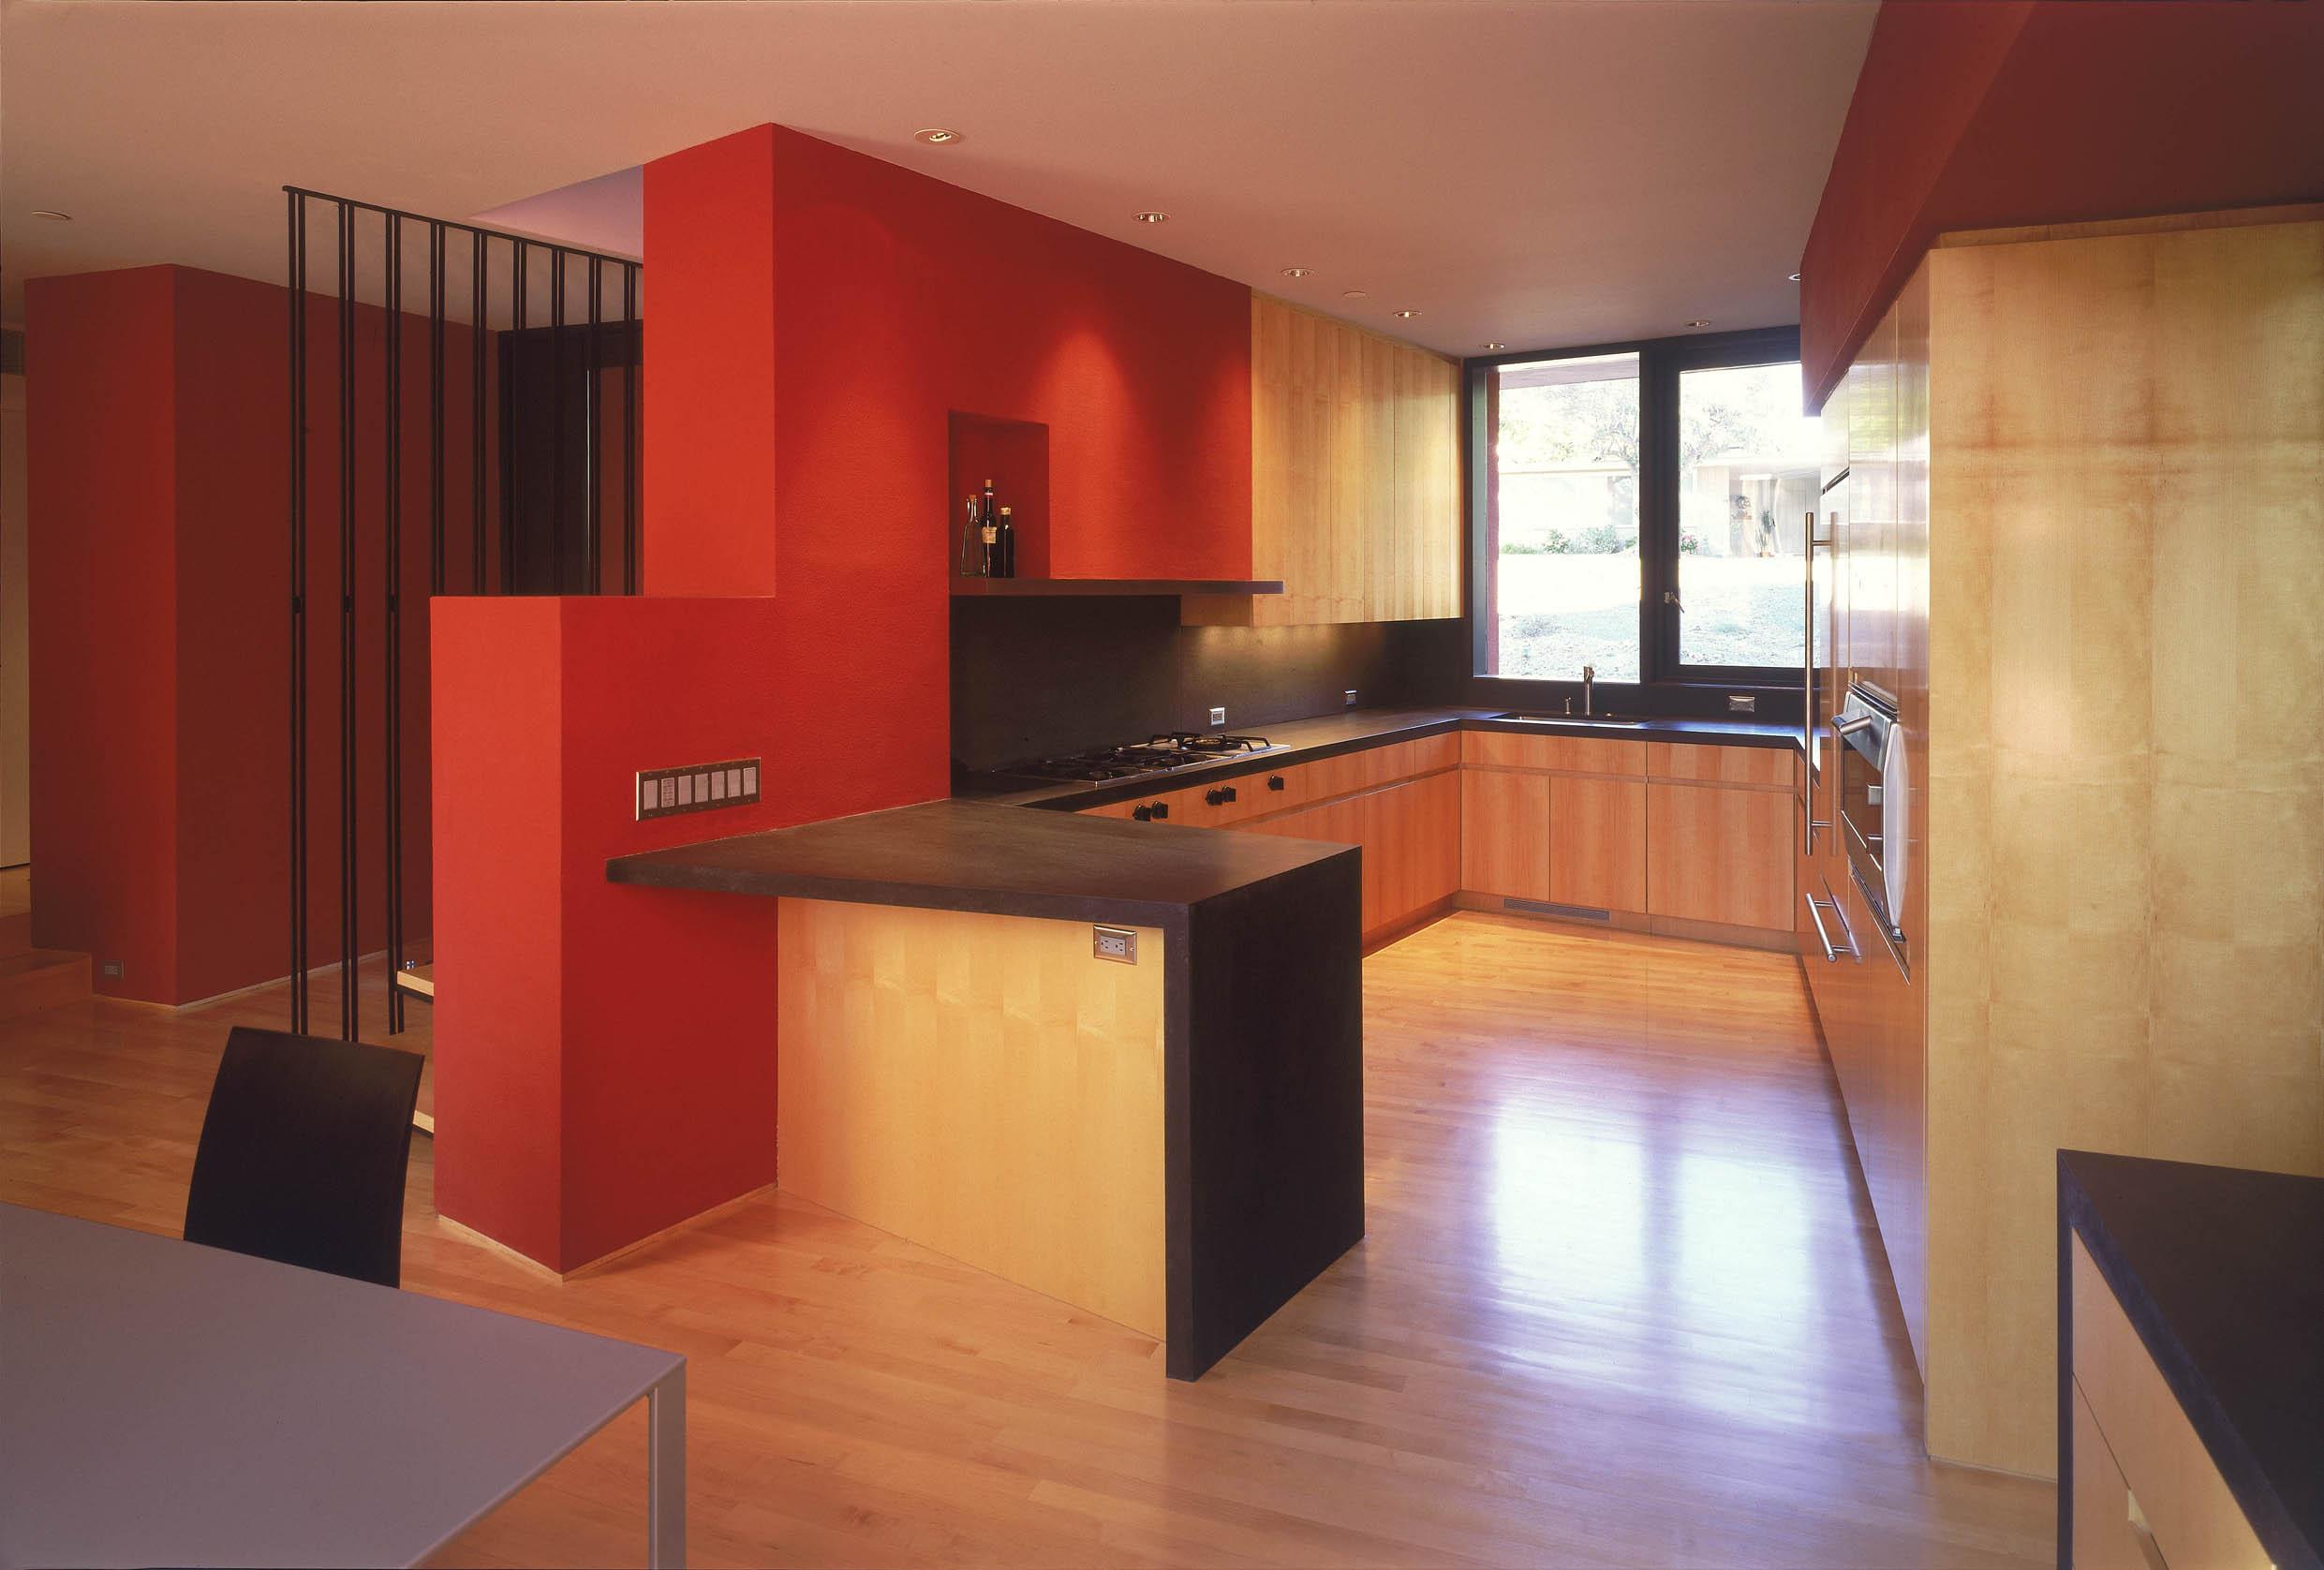 20 Indoor_12 small.jpg